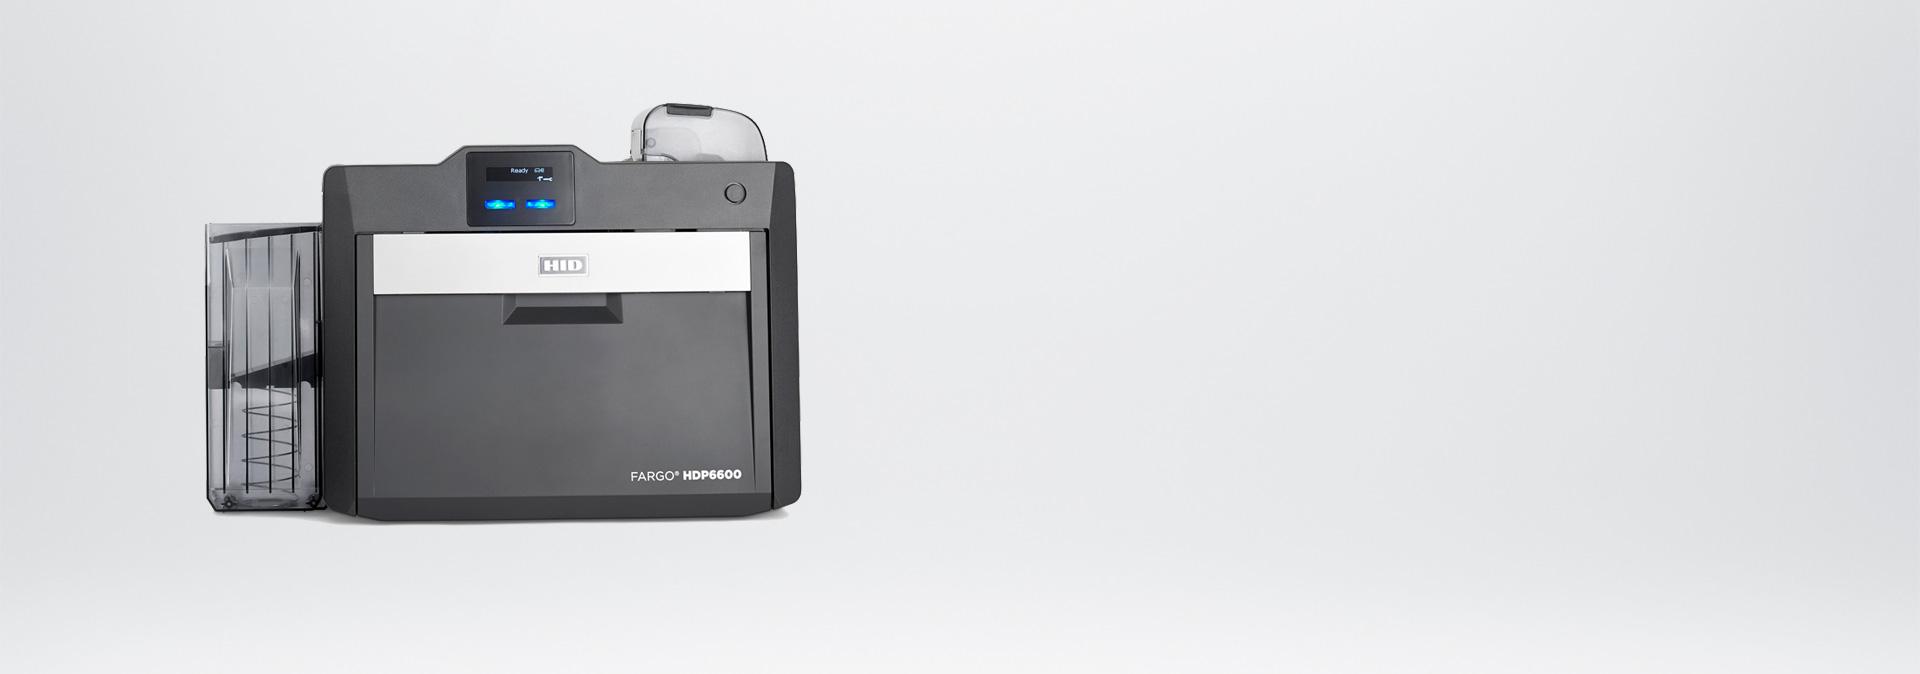 Kartendrucker HID Fargo HDP6600